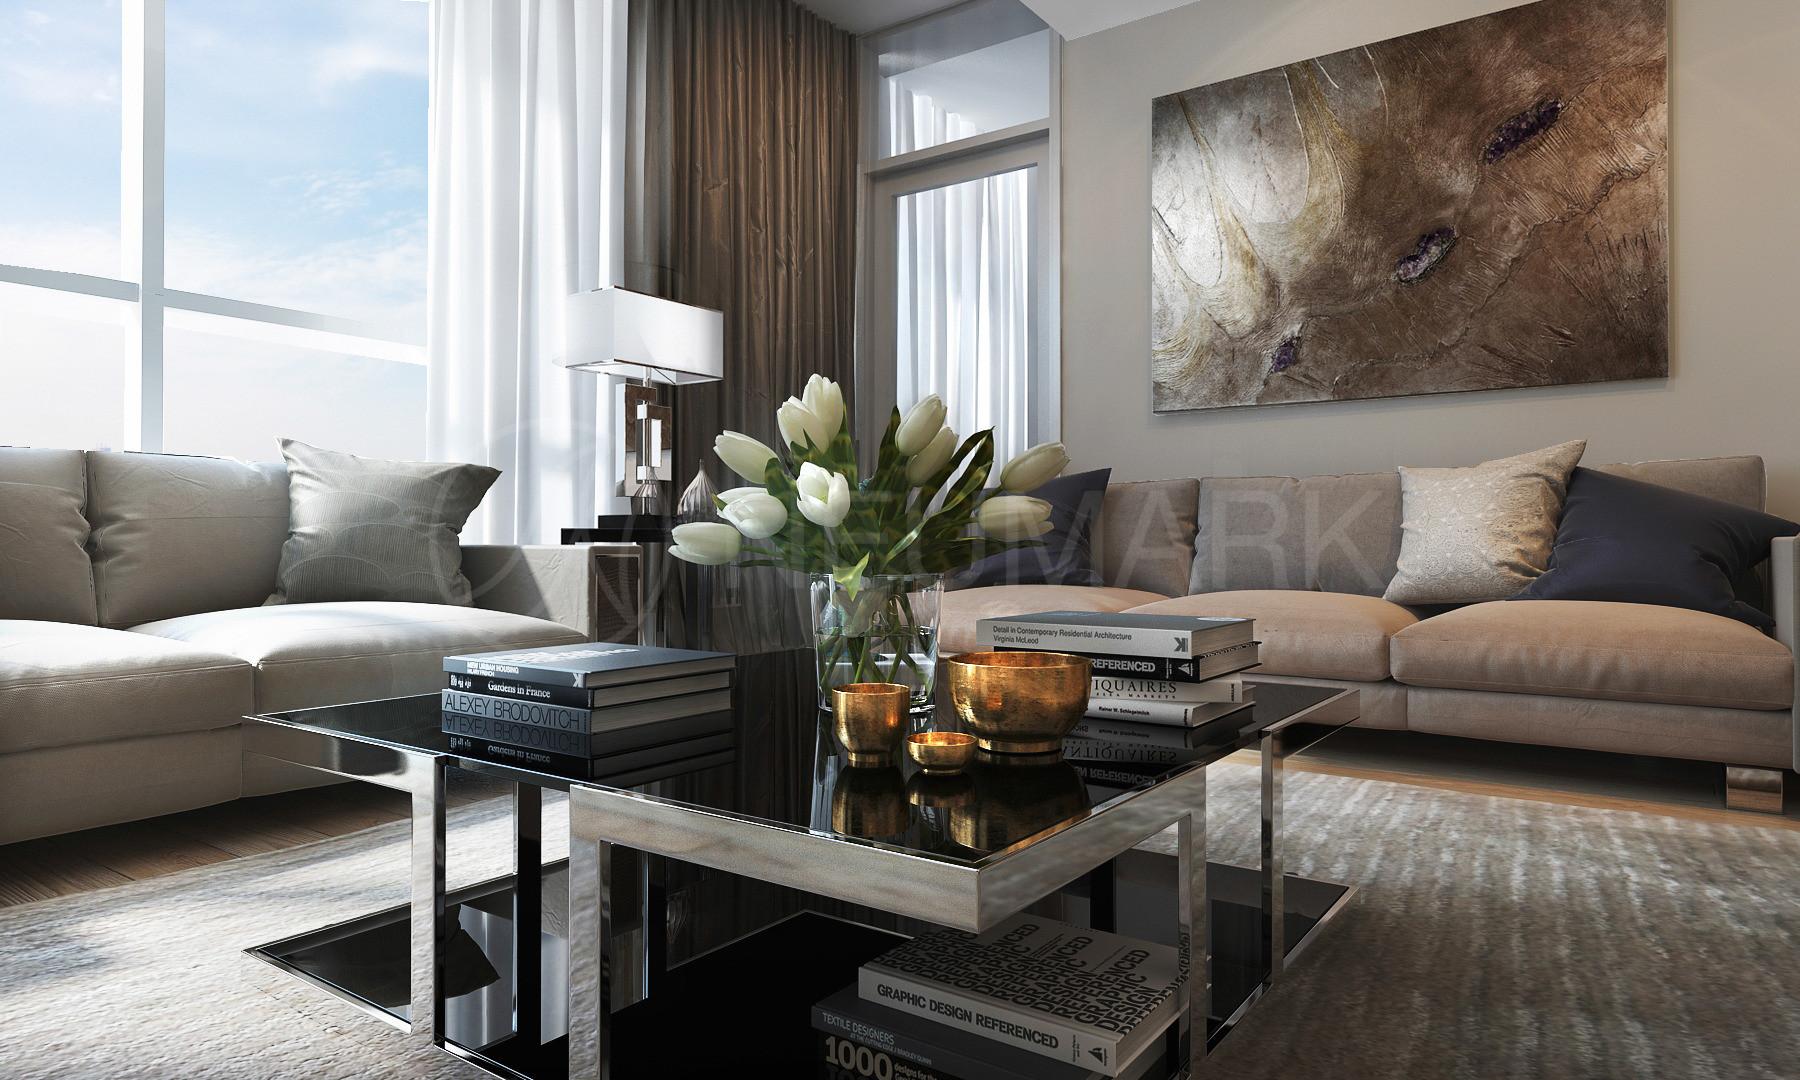 дизайн интерьера квартиры санкт петербург Недвижимость Купить дом